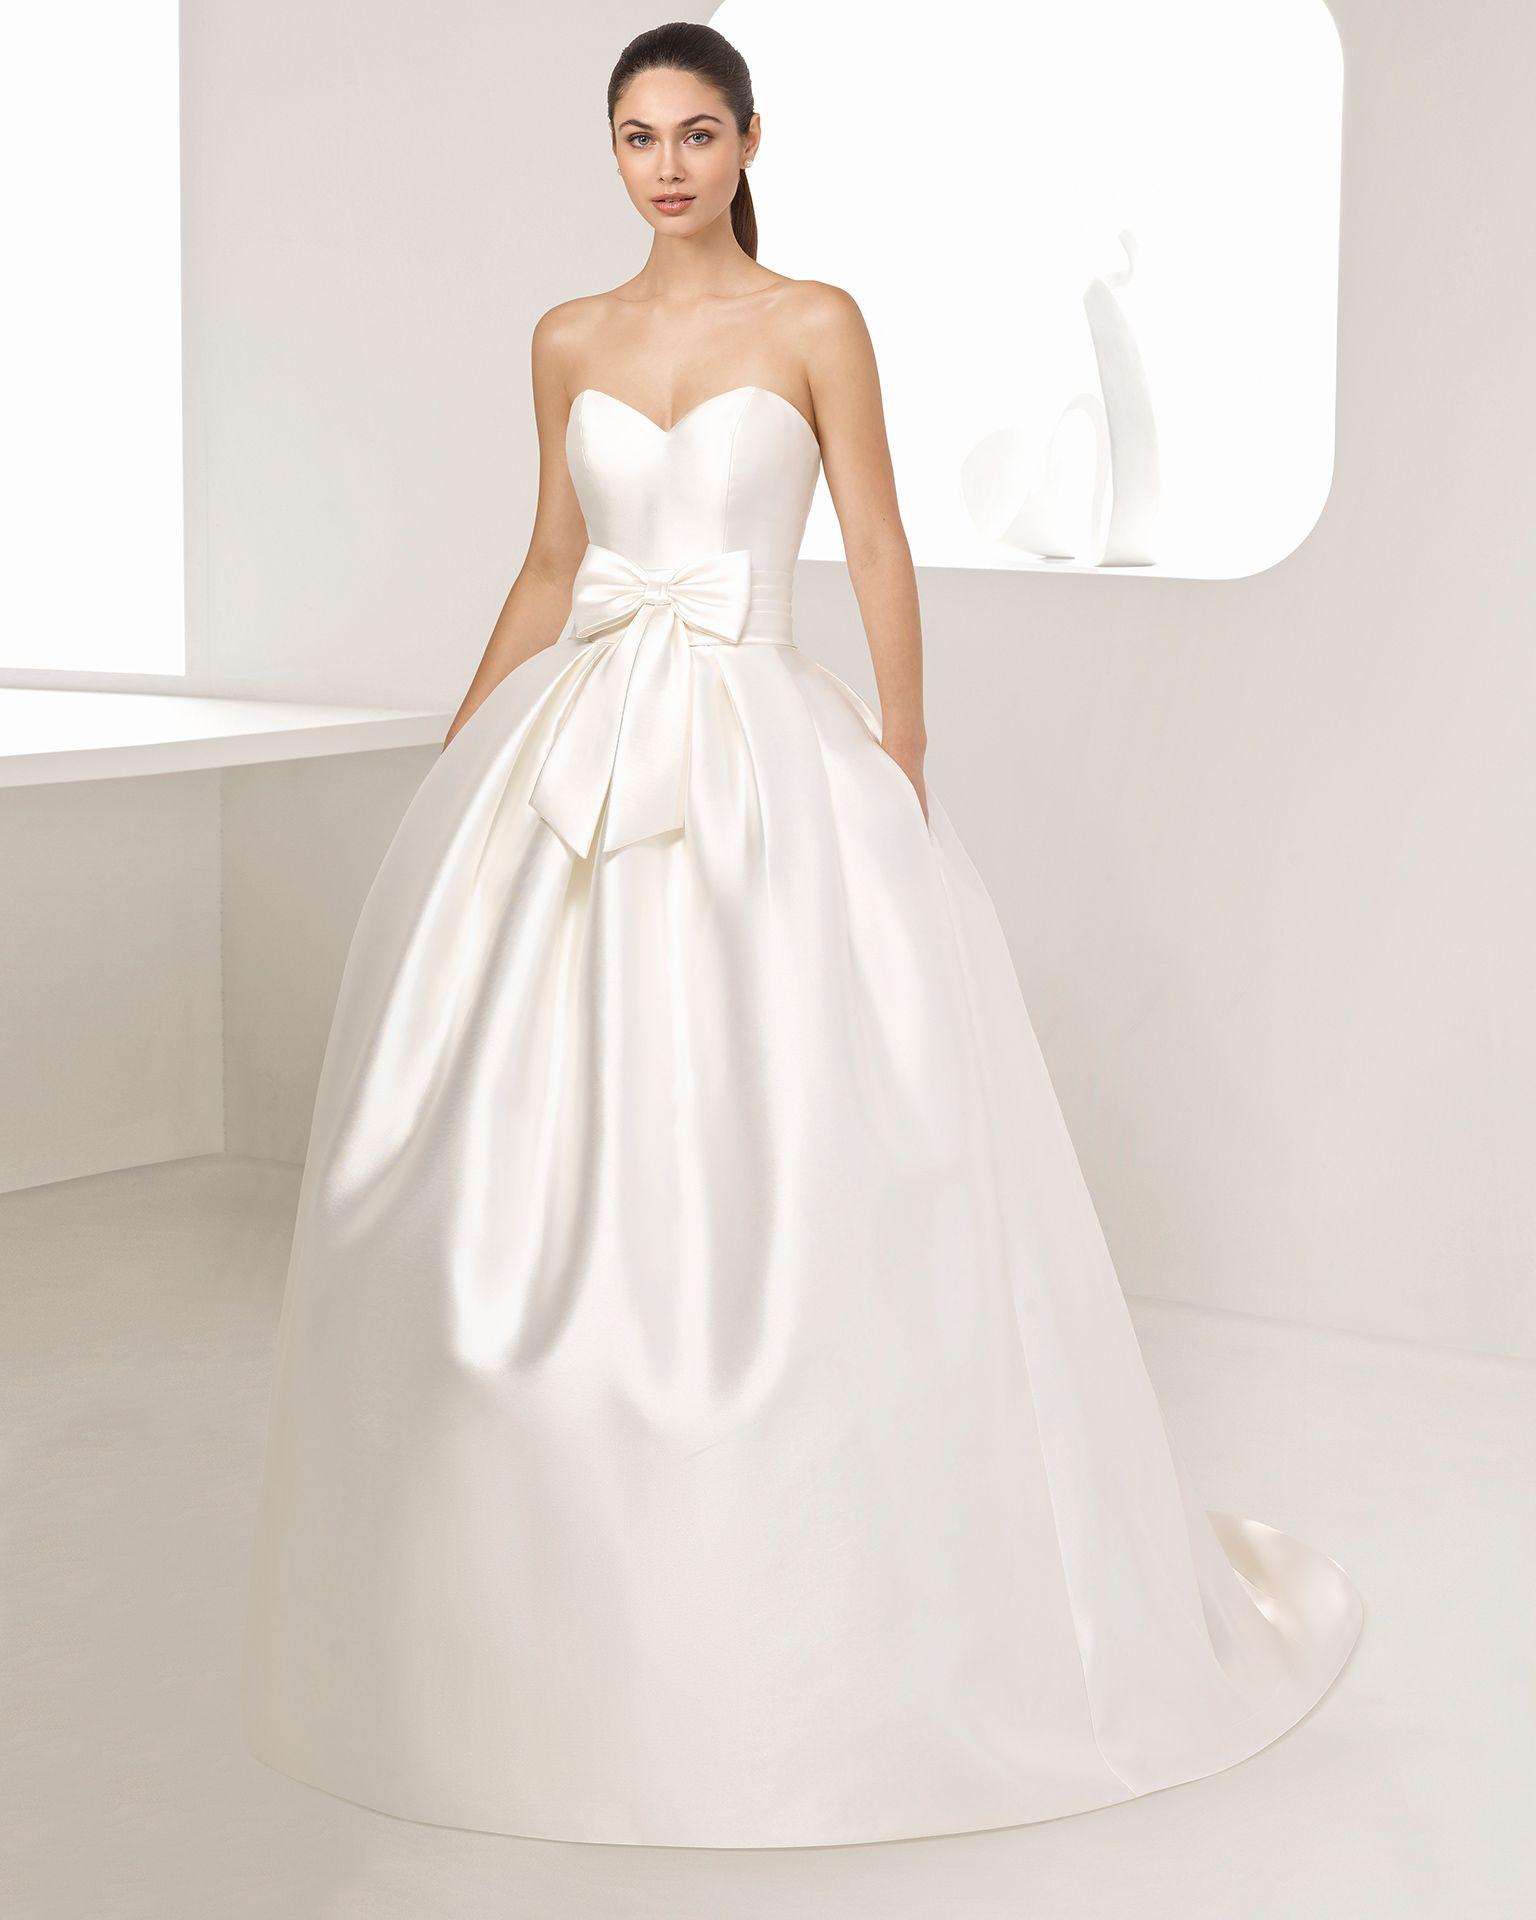 f6770a4fb2f9 Un abito stile principessa per lasciare senza parole tutti gli invitati. Lo  splendido tessuto di mikado ci permette di parlare di un abito di alta  moda